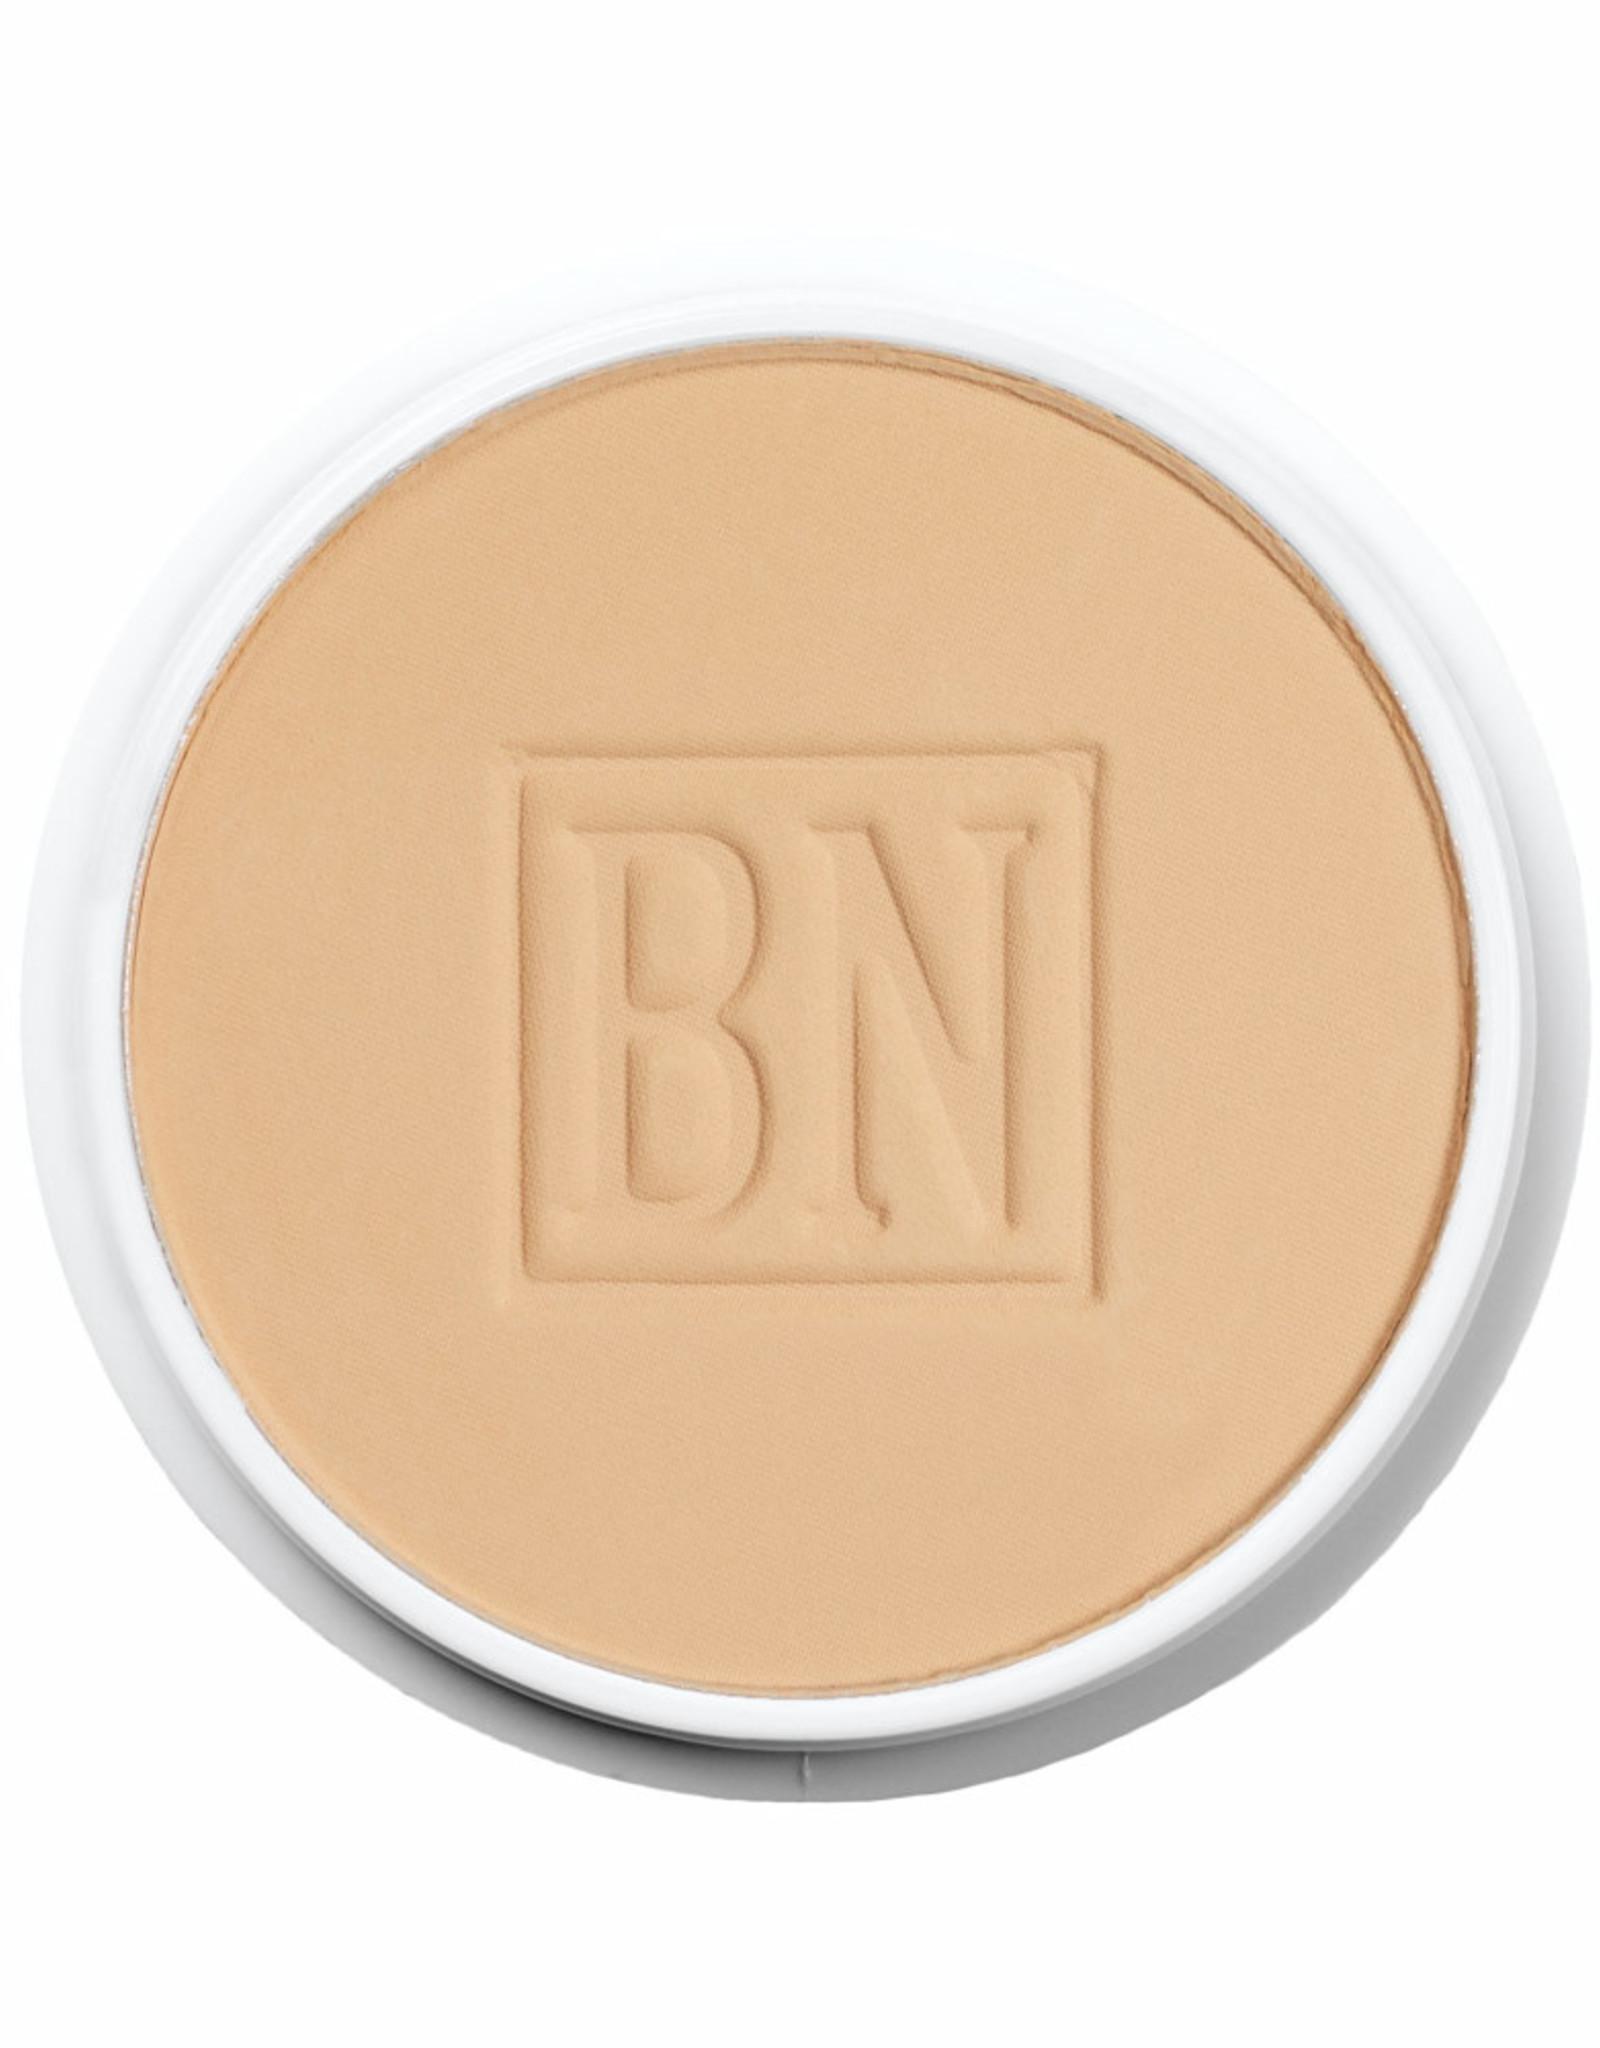 Ben Nye FOUNDATION-CAKE,BARELY BEIGE, 1 OZ